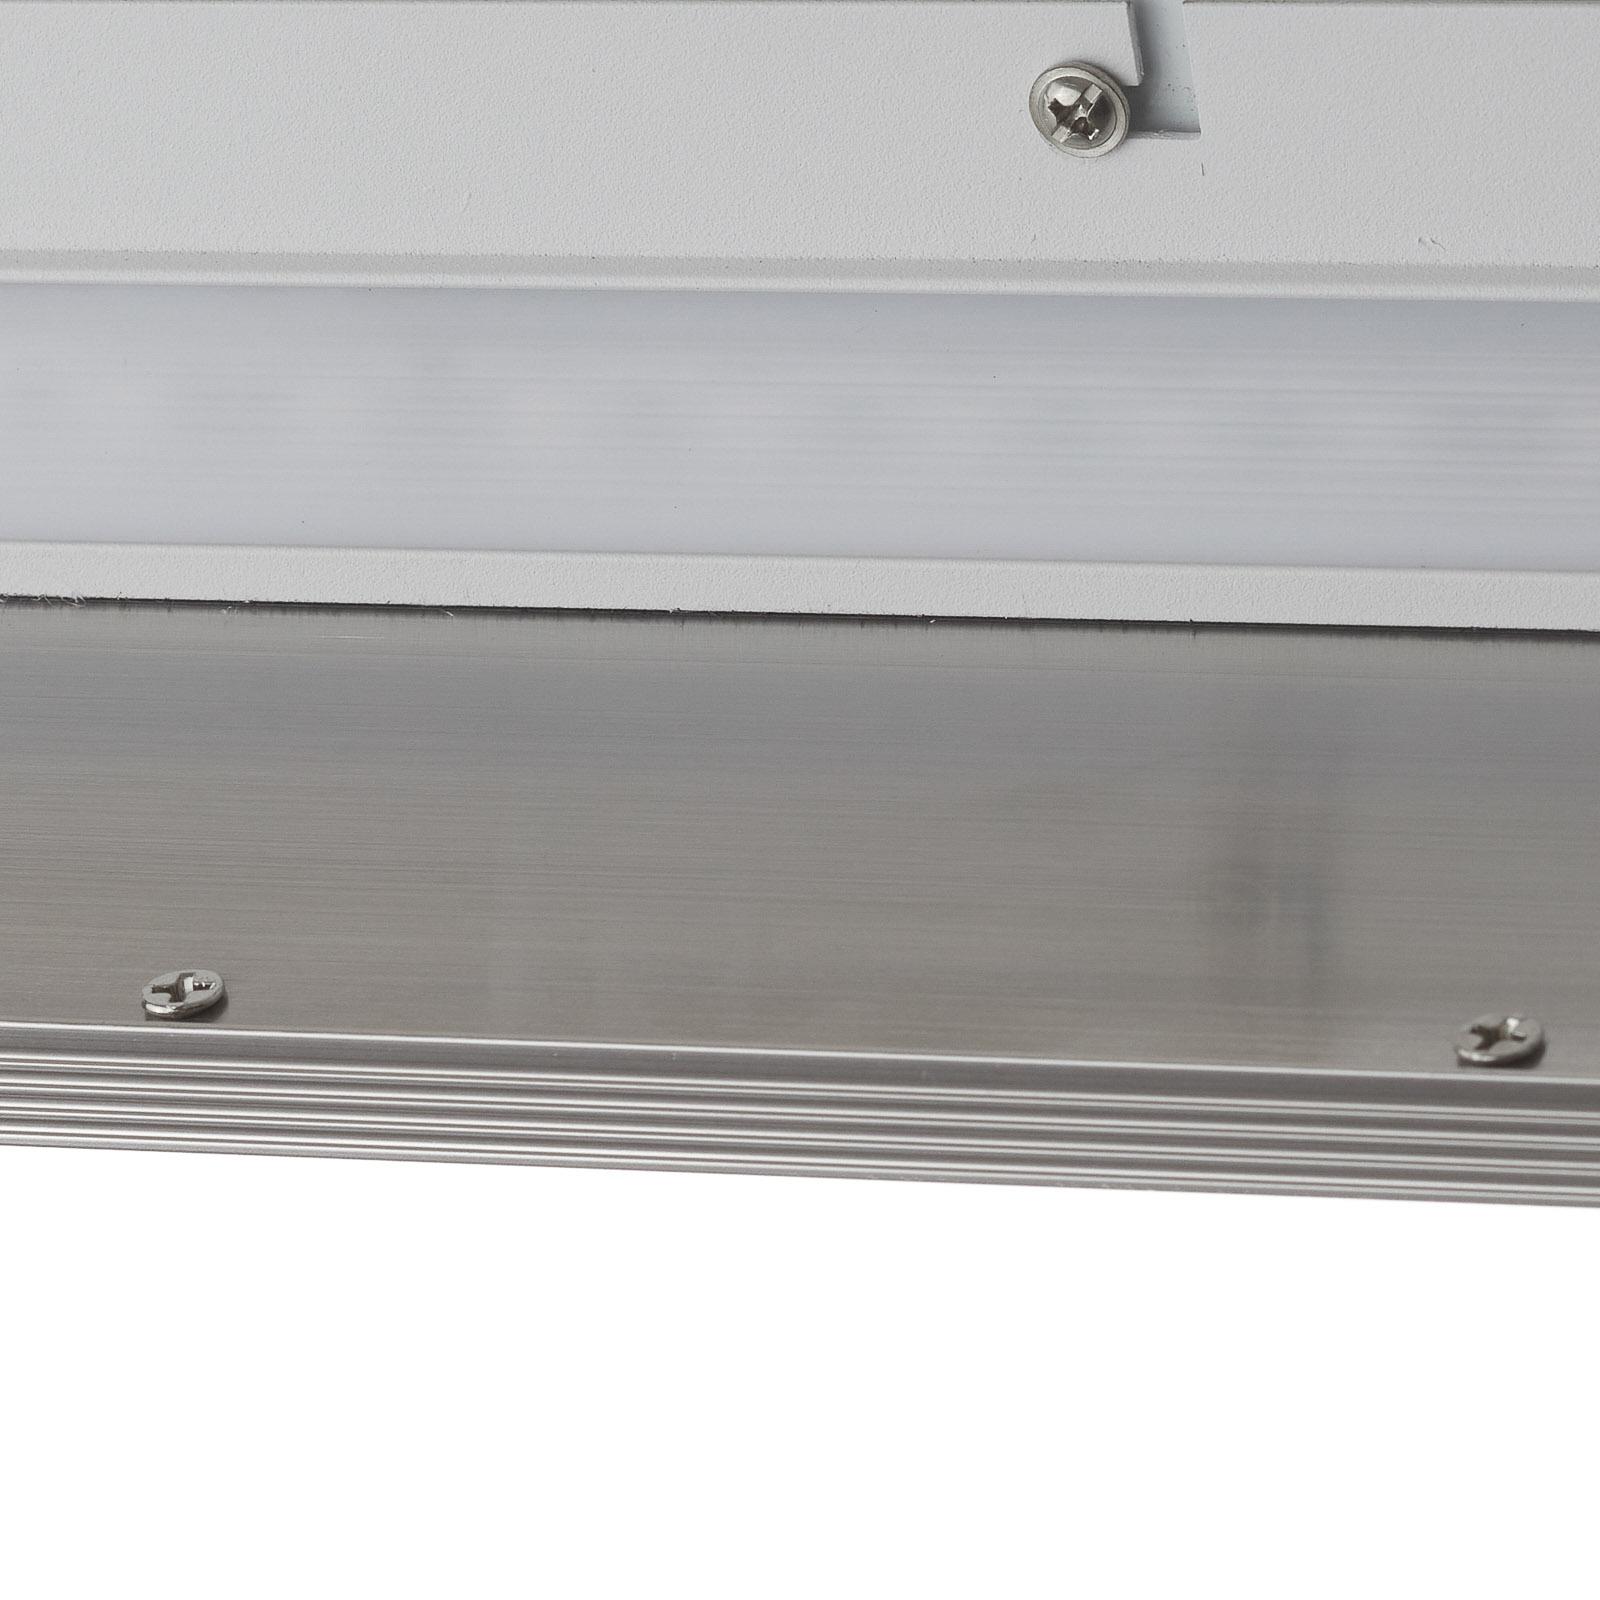 Lampa sufitowa LED Entrance, szerokość 7 cm 22 W